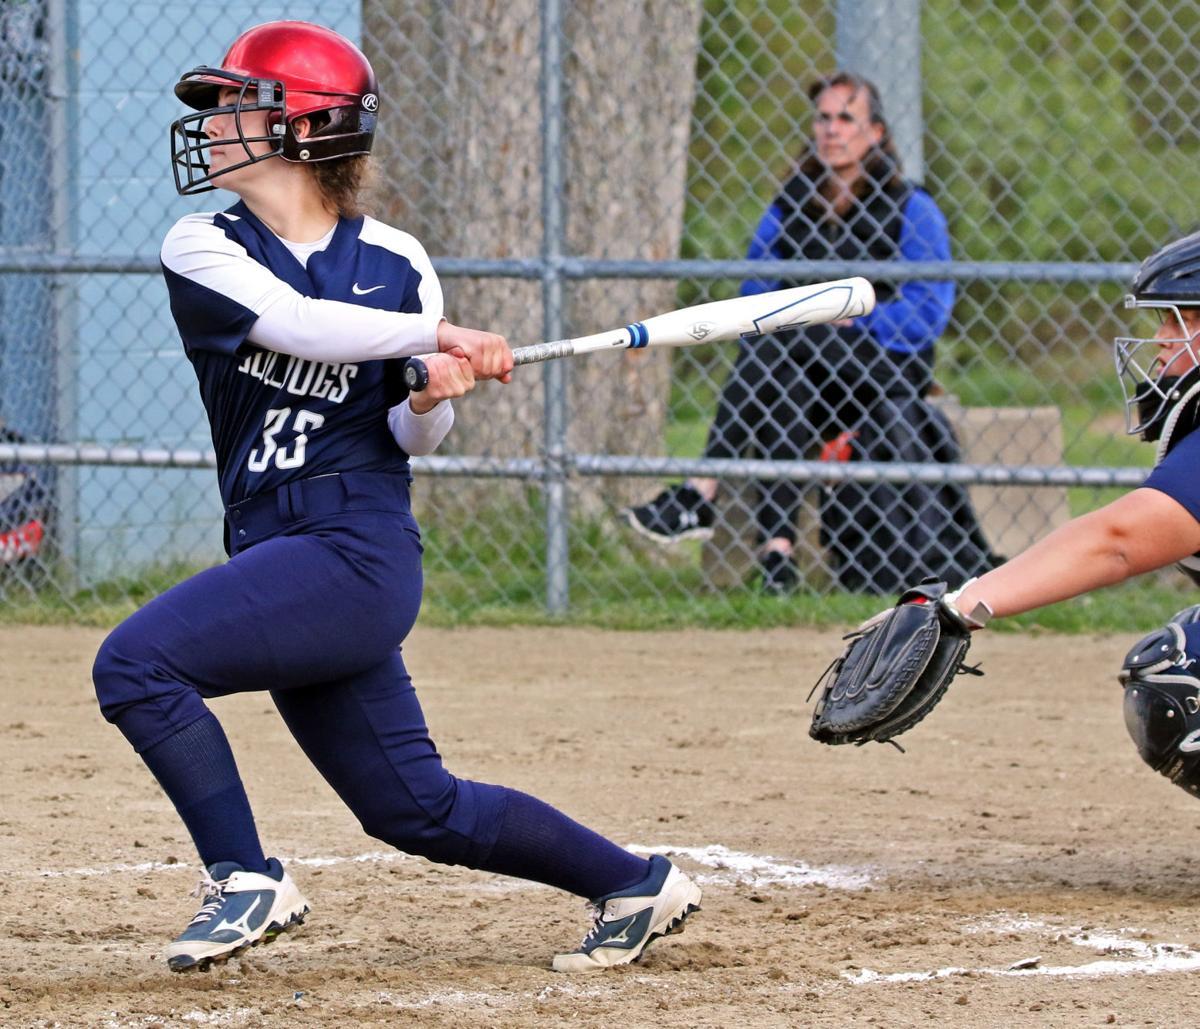 051519 SPT WHS softball v Johnston 41.JPG